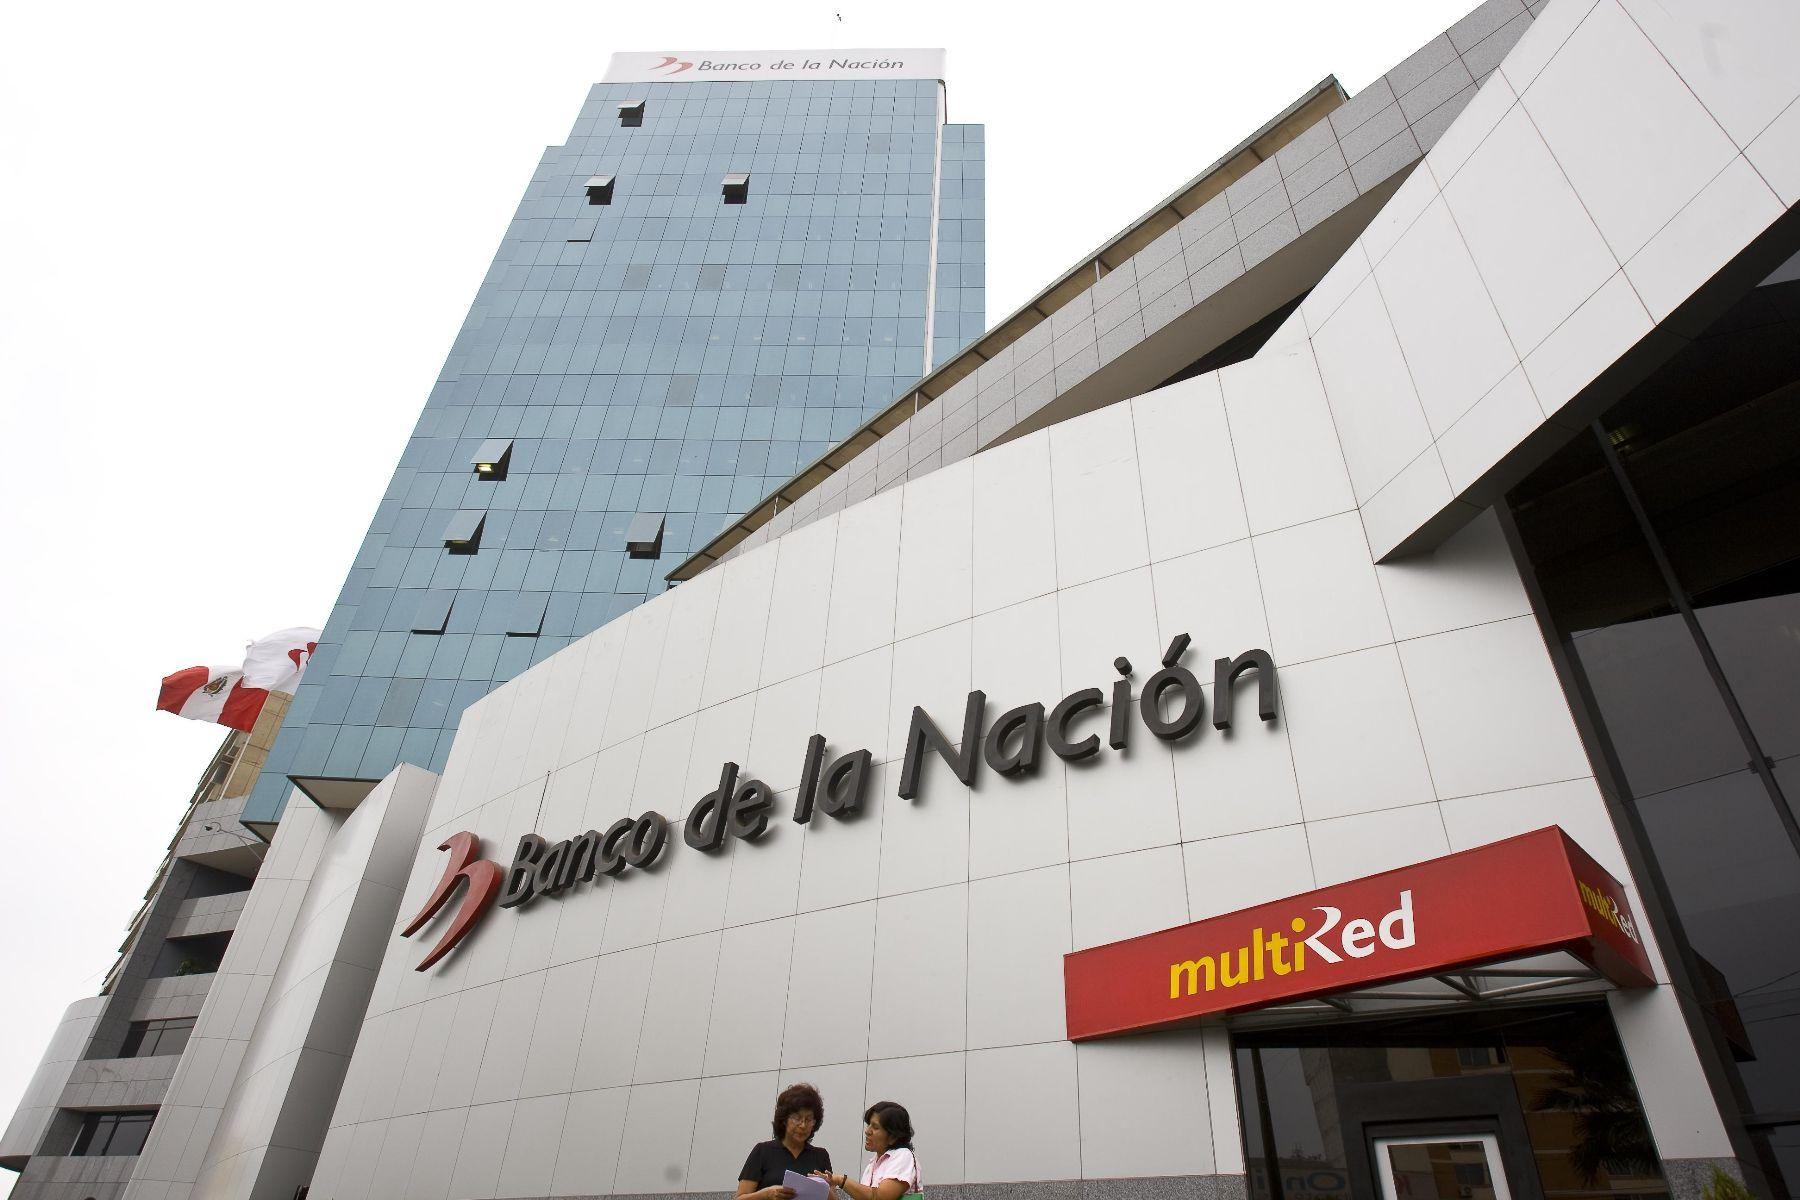 Sede del Banco de la Nación.